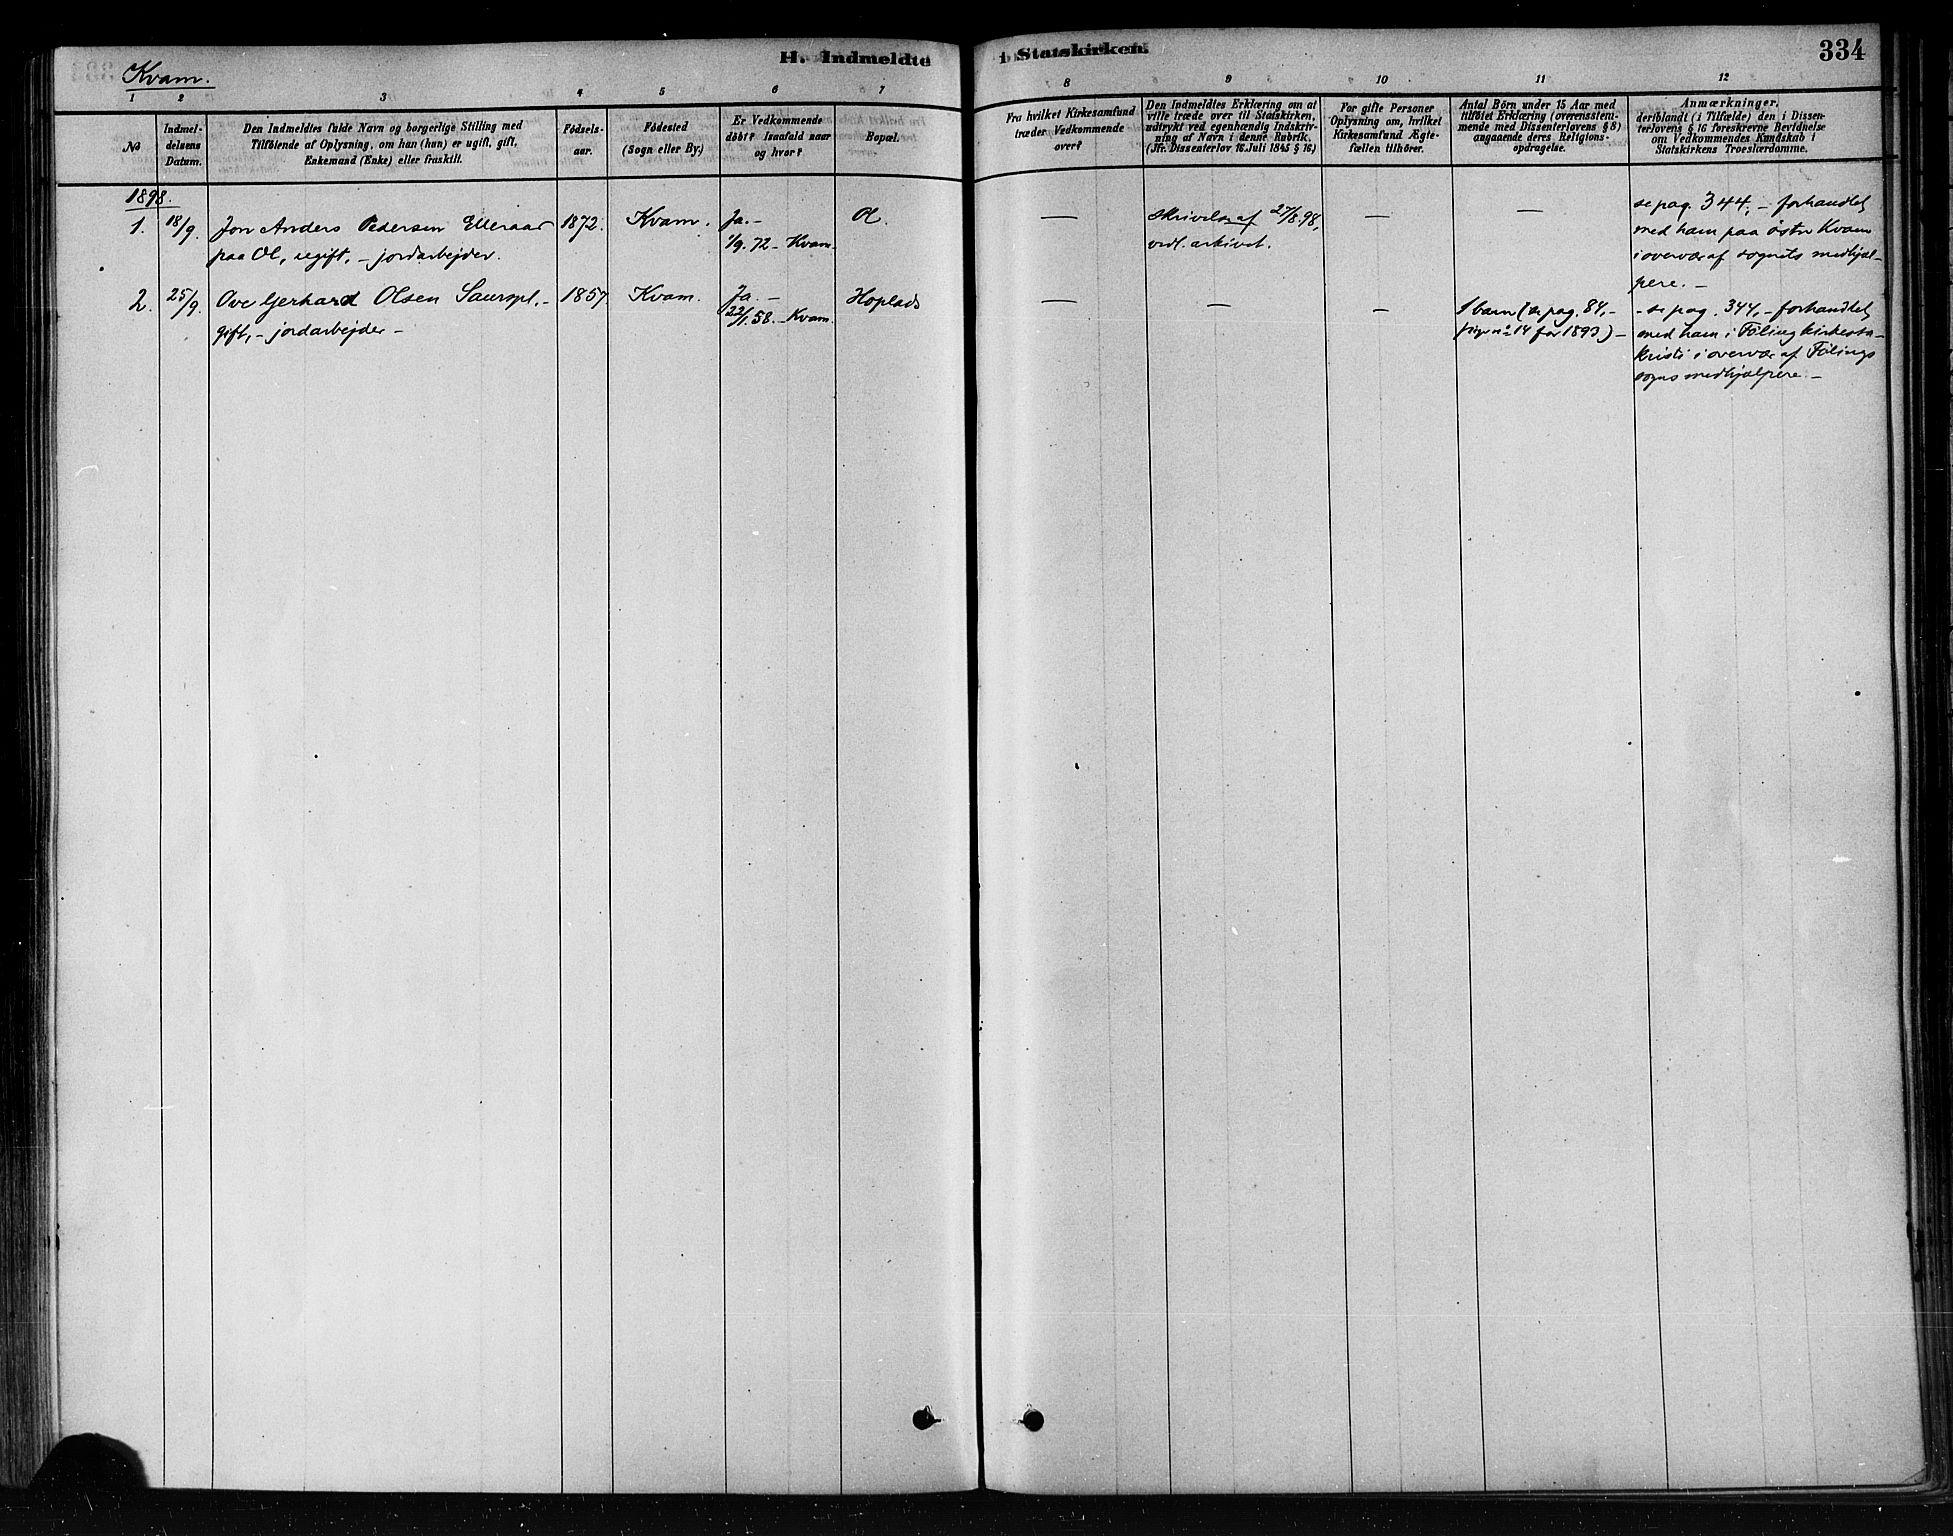 SAT, Ministerialprotokoller, klokkerbøker og fødselsregistre - Nord-Trøndelag, 746/L0449: Ministerialbok nr. 746A07 /2, 1878-1899, s. 334